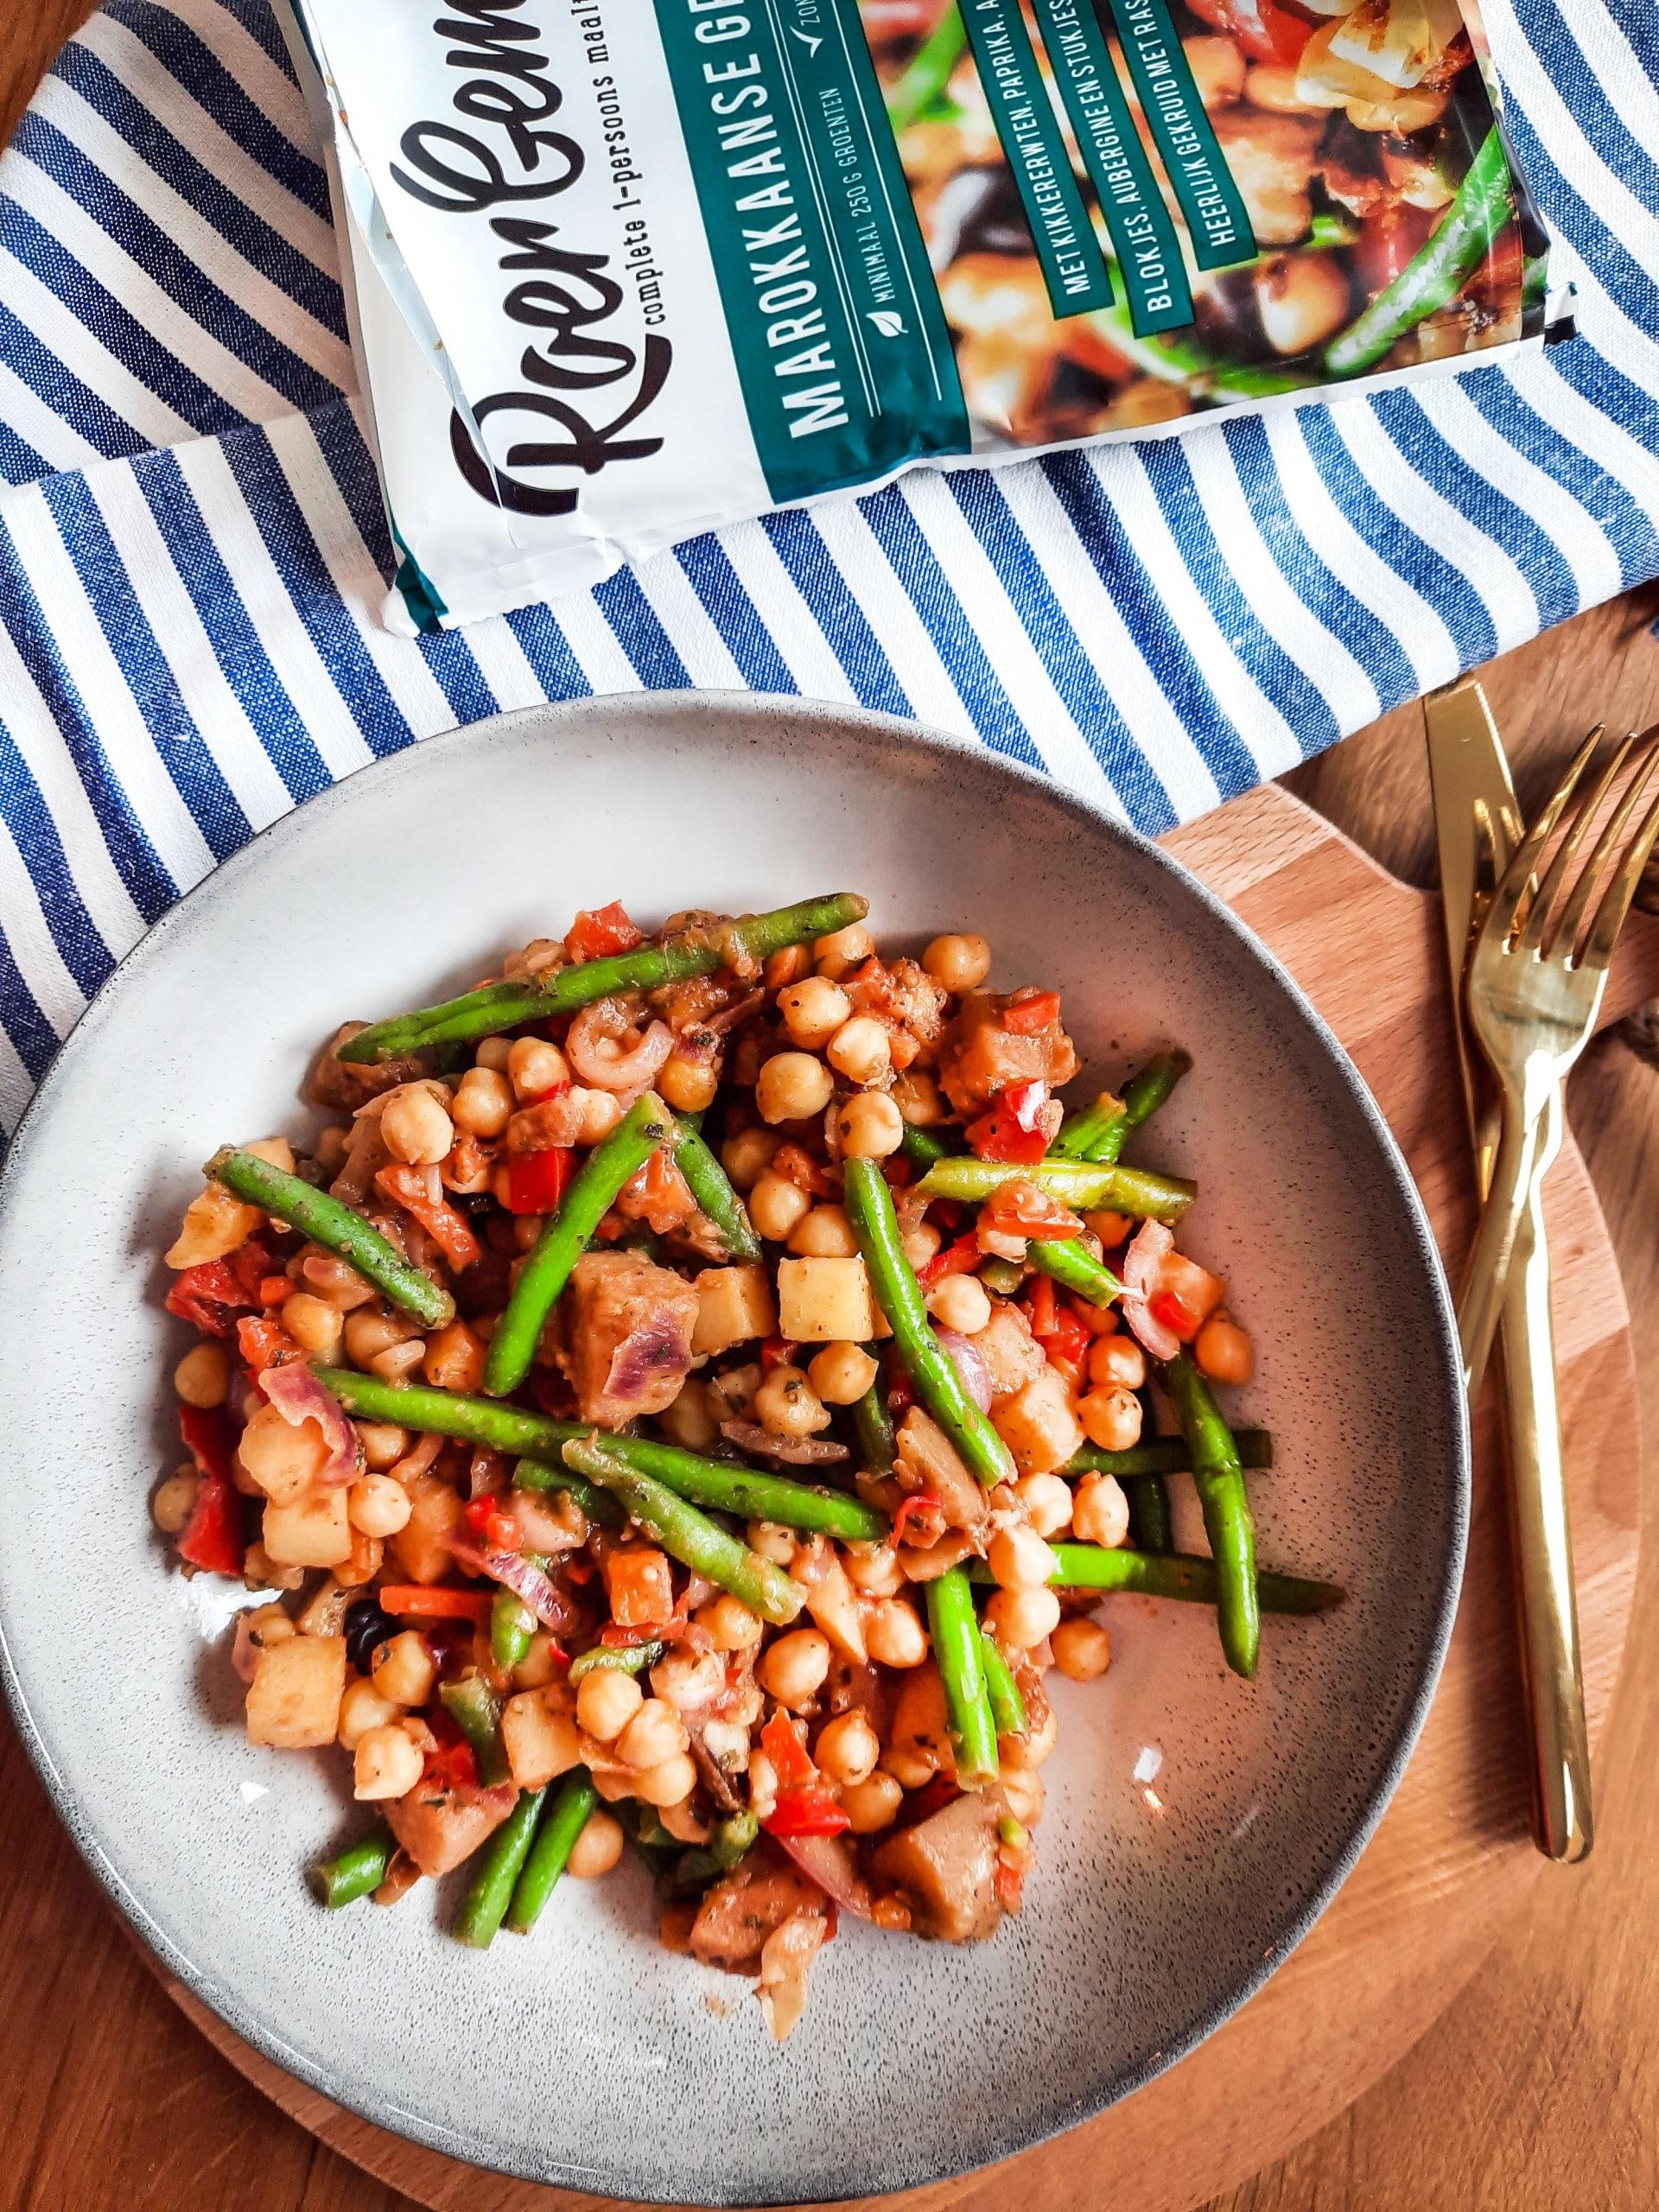 Eindresultaat kant & klaar 83: Marokkaanse groenteschotel